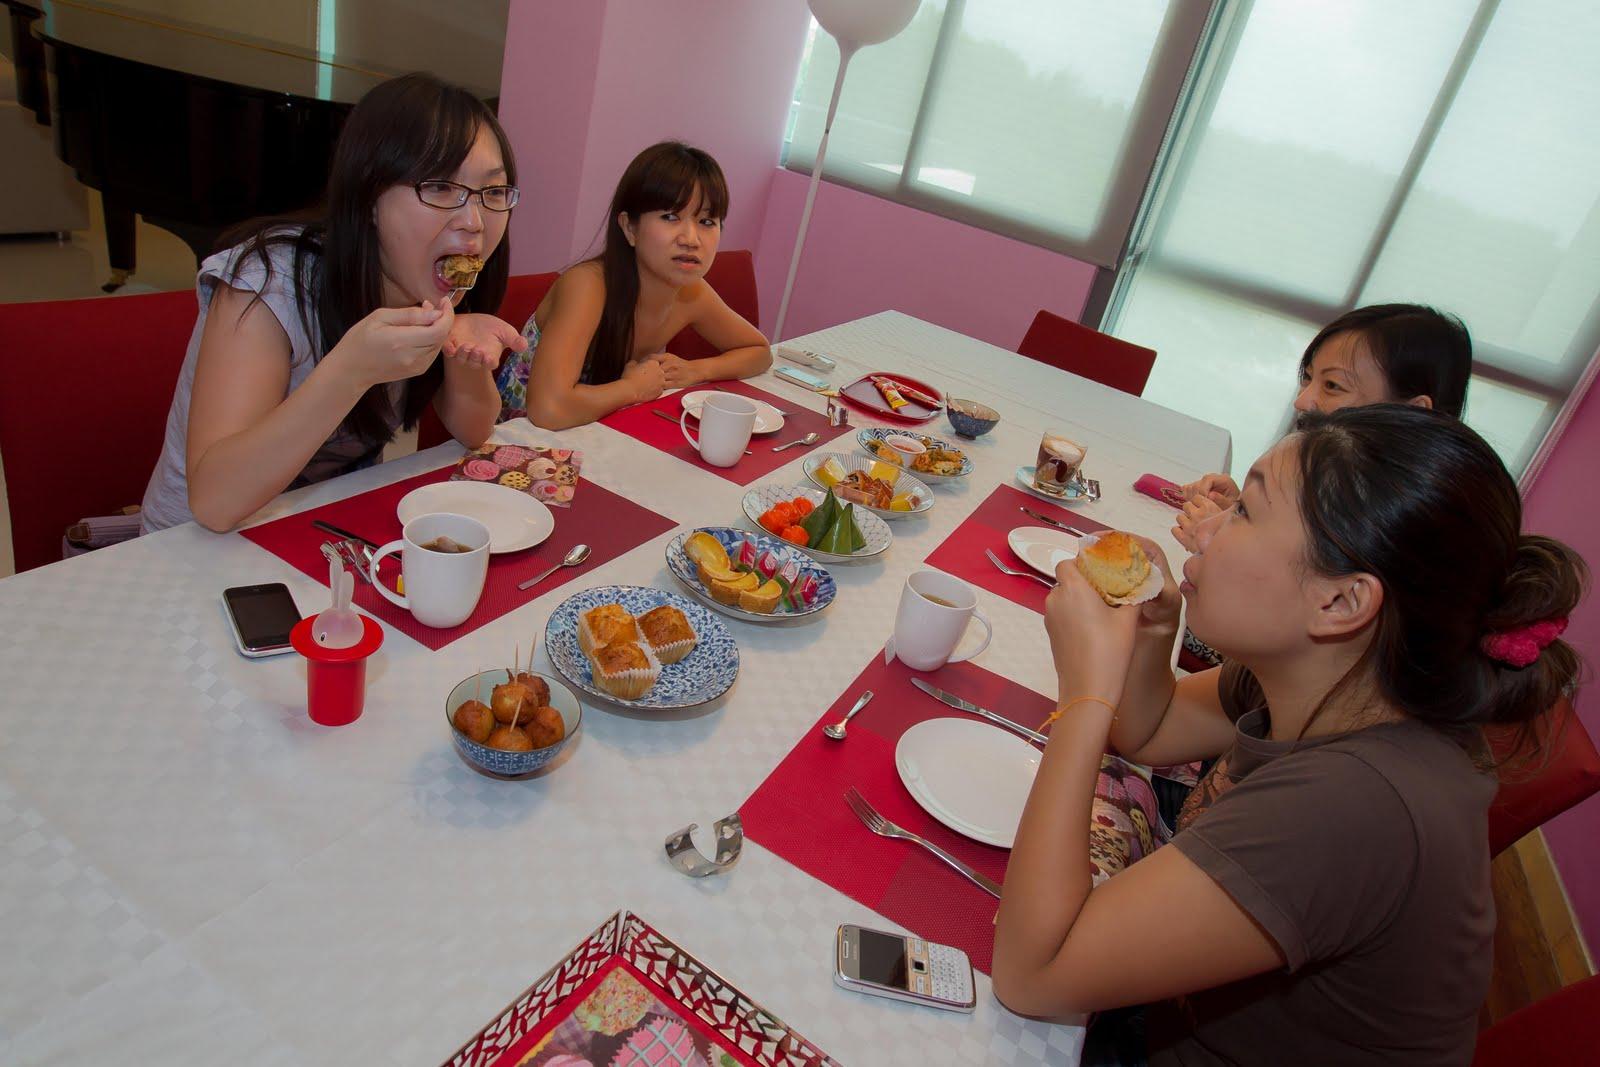 http://2.bp.blogspot.com/-PmRacO-bQ78/Thmuk-ULIUI/AAAAAAAAeiM/UMrVJC-hp1A/s1600/afternoon+tea-8.jpg